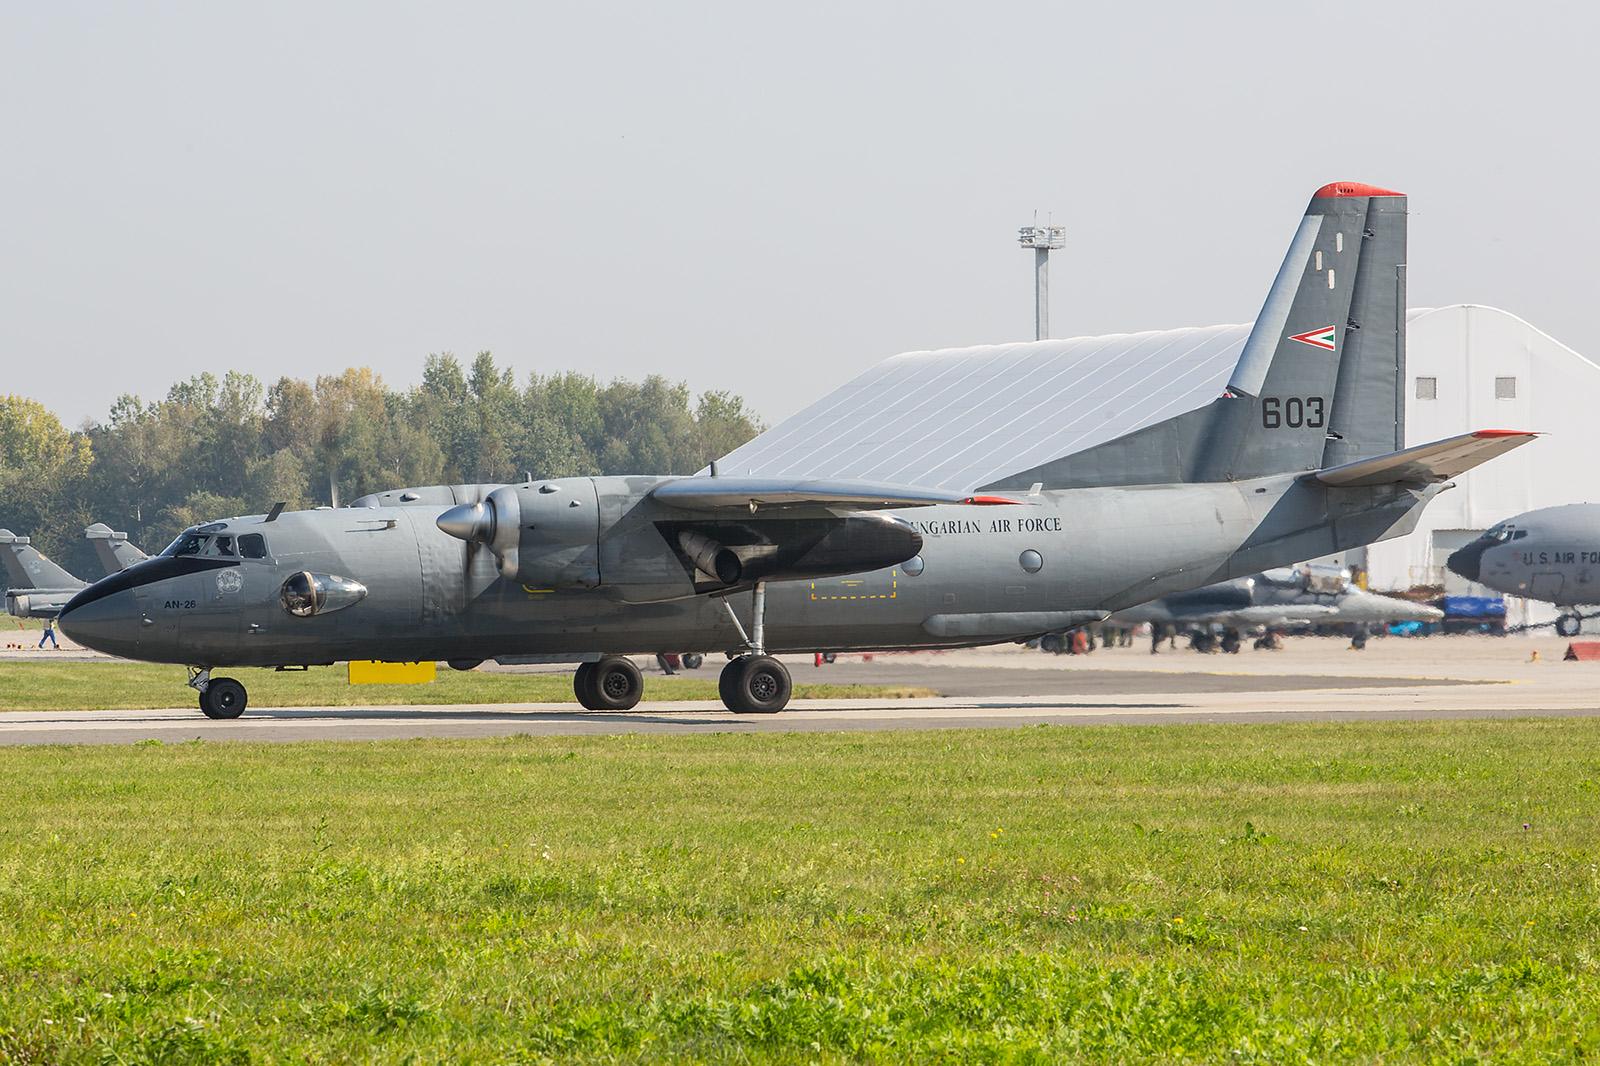 Die An-26 aus Ungarn wartet am Threshold der RWY 04.